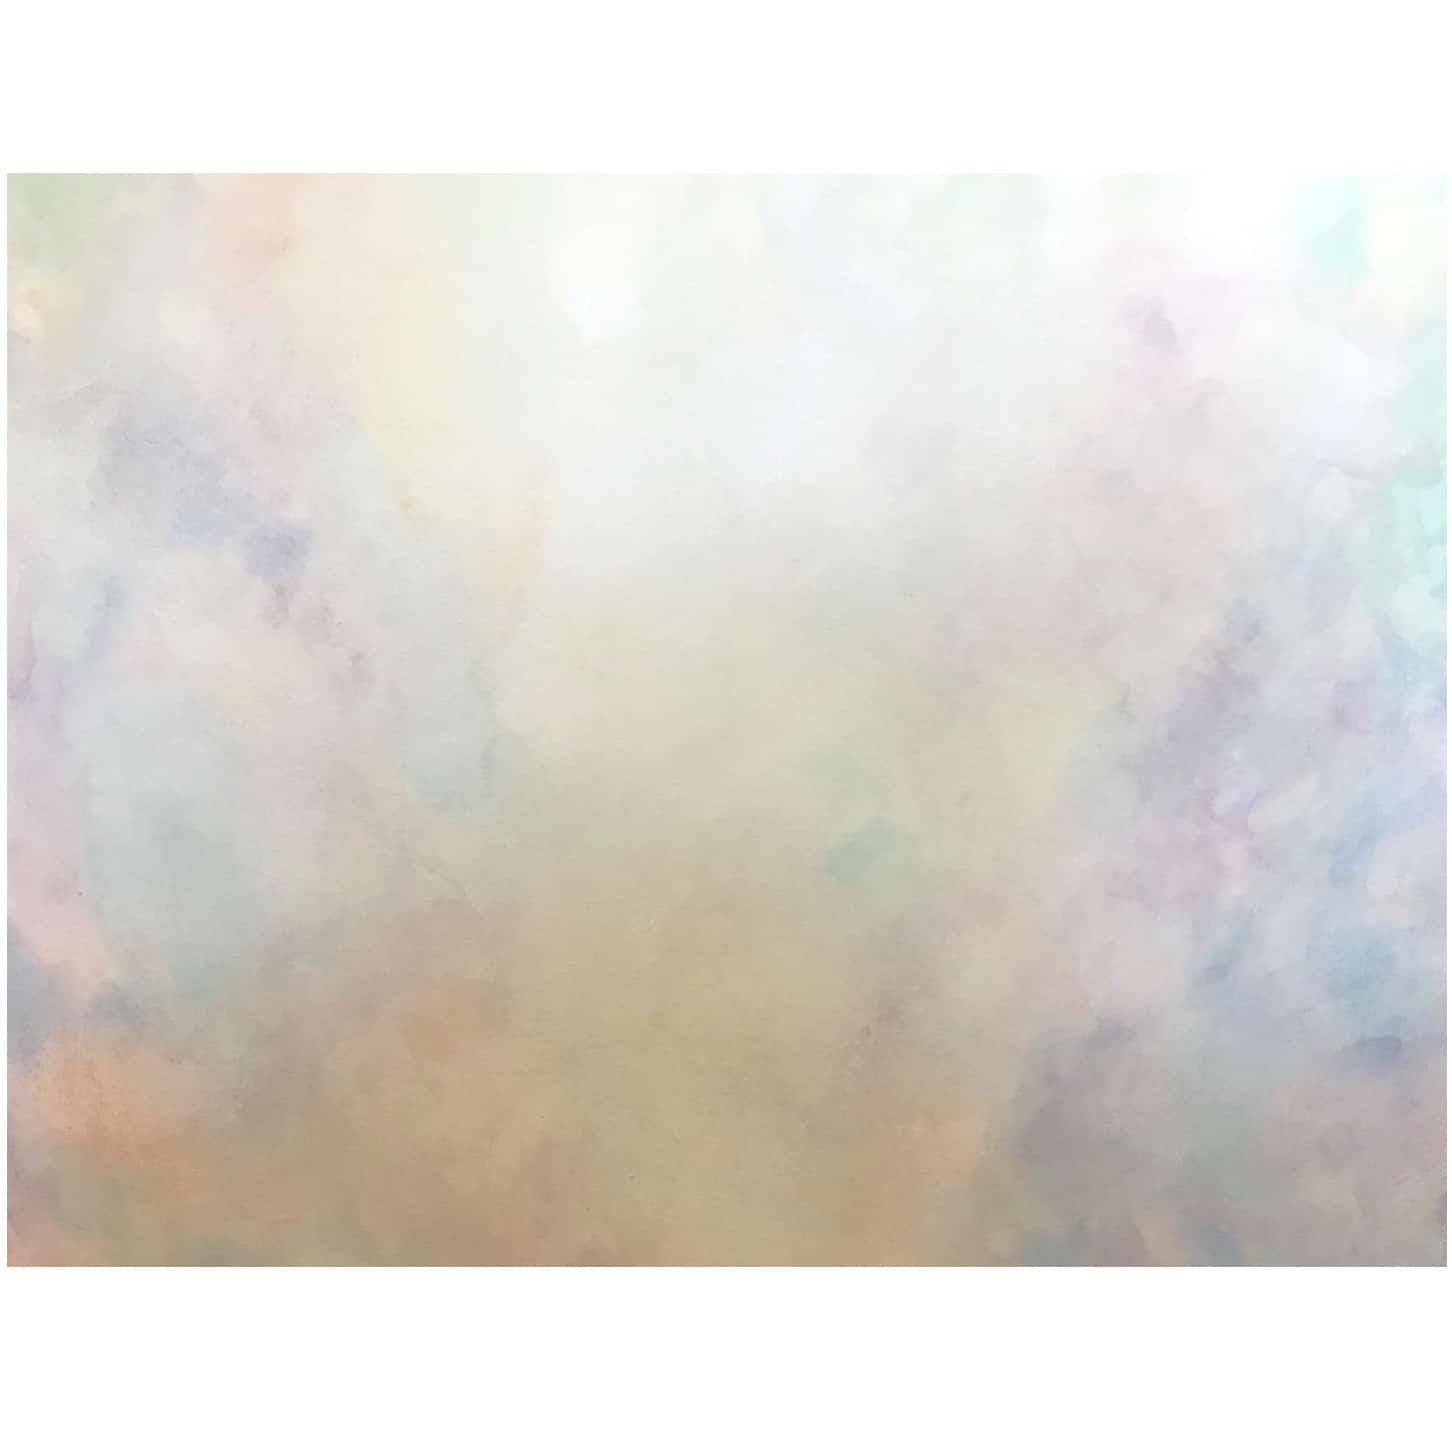 受注色彩画/2020.05 納品作品